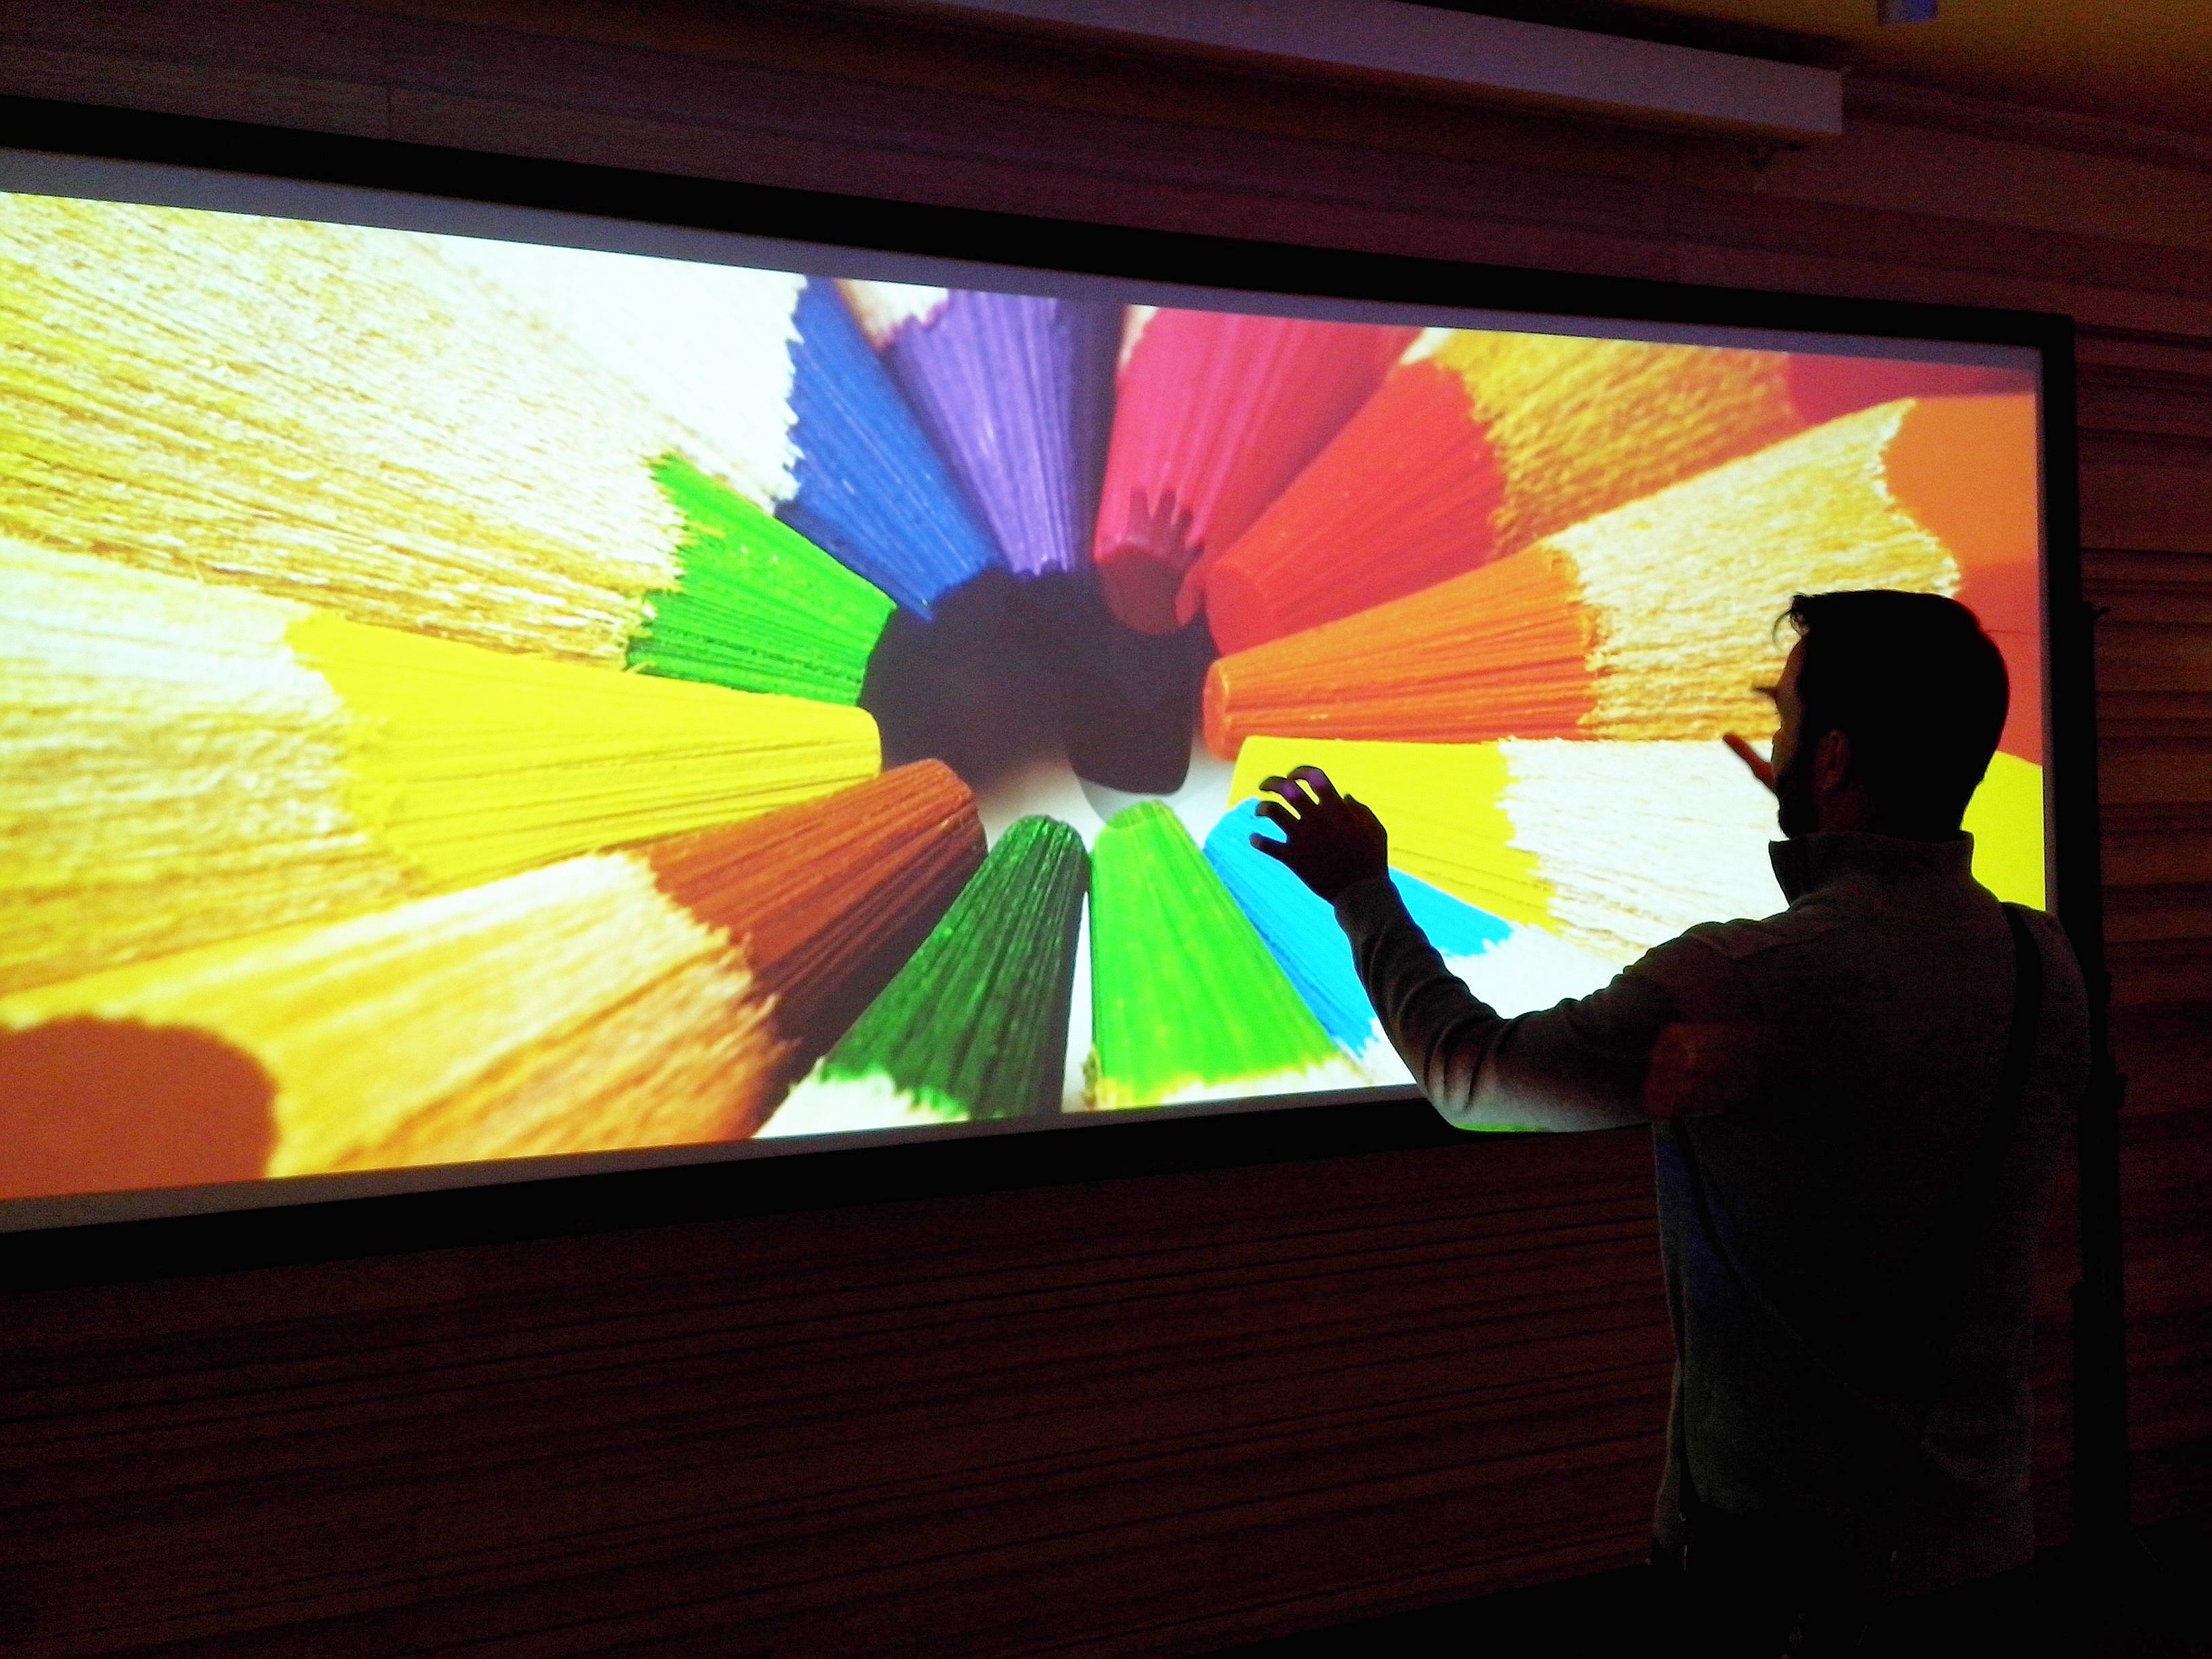 Na predstavitvi so uporabili sinhrono projeciranje dveh projektorjev, kar med drugim izniči senco predavatelja.